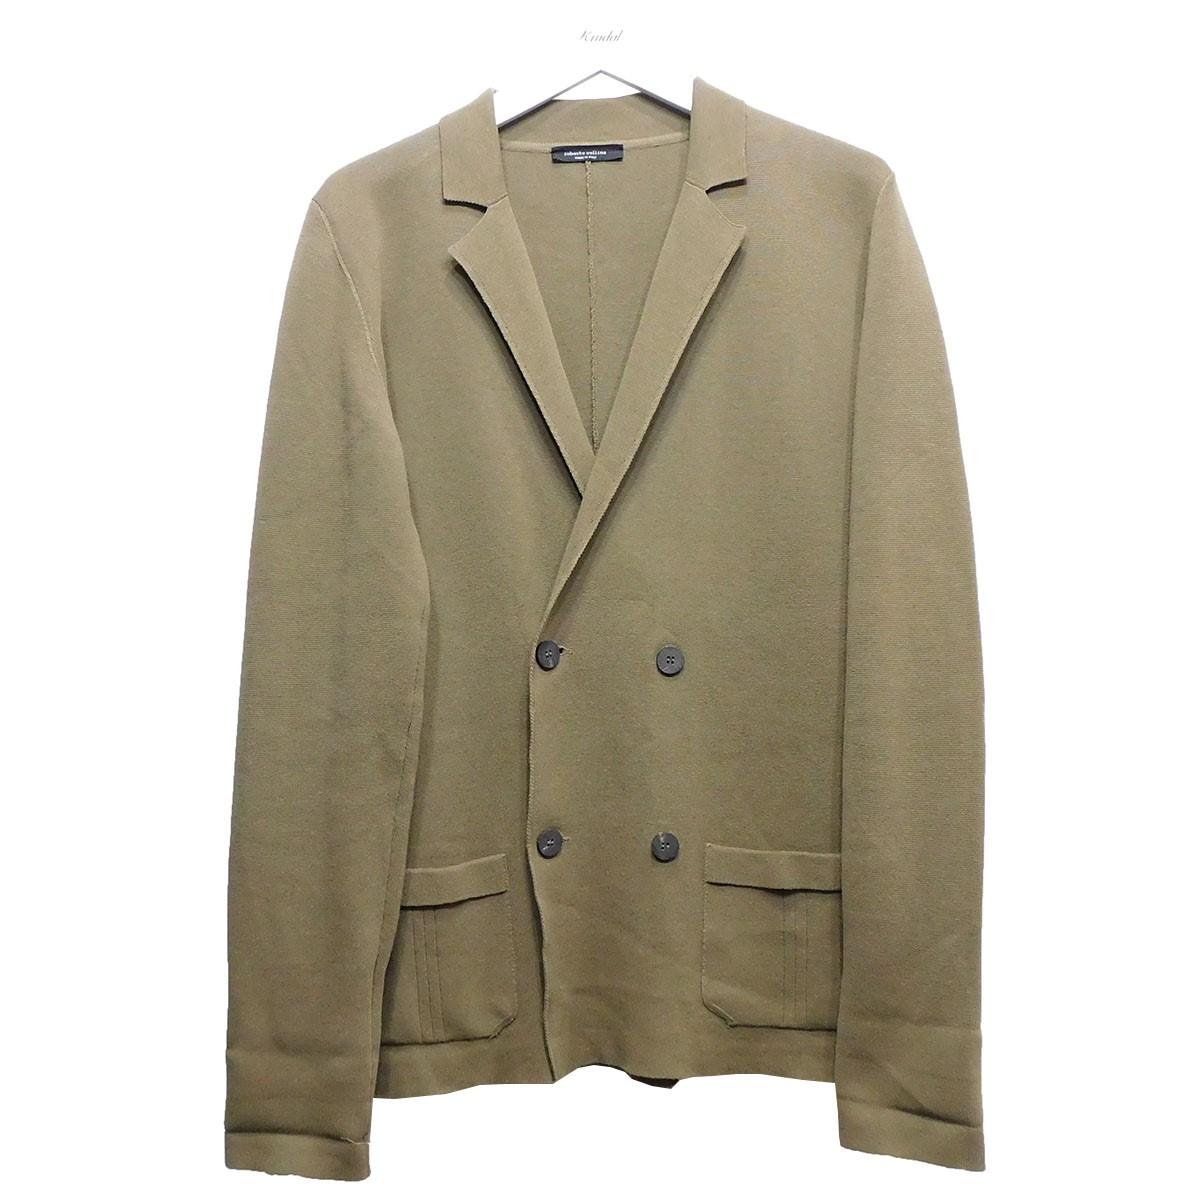 【中古】ROBERTO COLLINA ダブルブレストニットジャケット ブラウン サイズ:48 【010720】(ロベルトコリーナ)